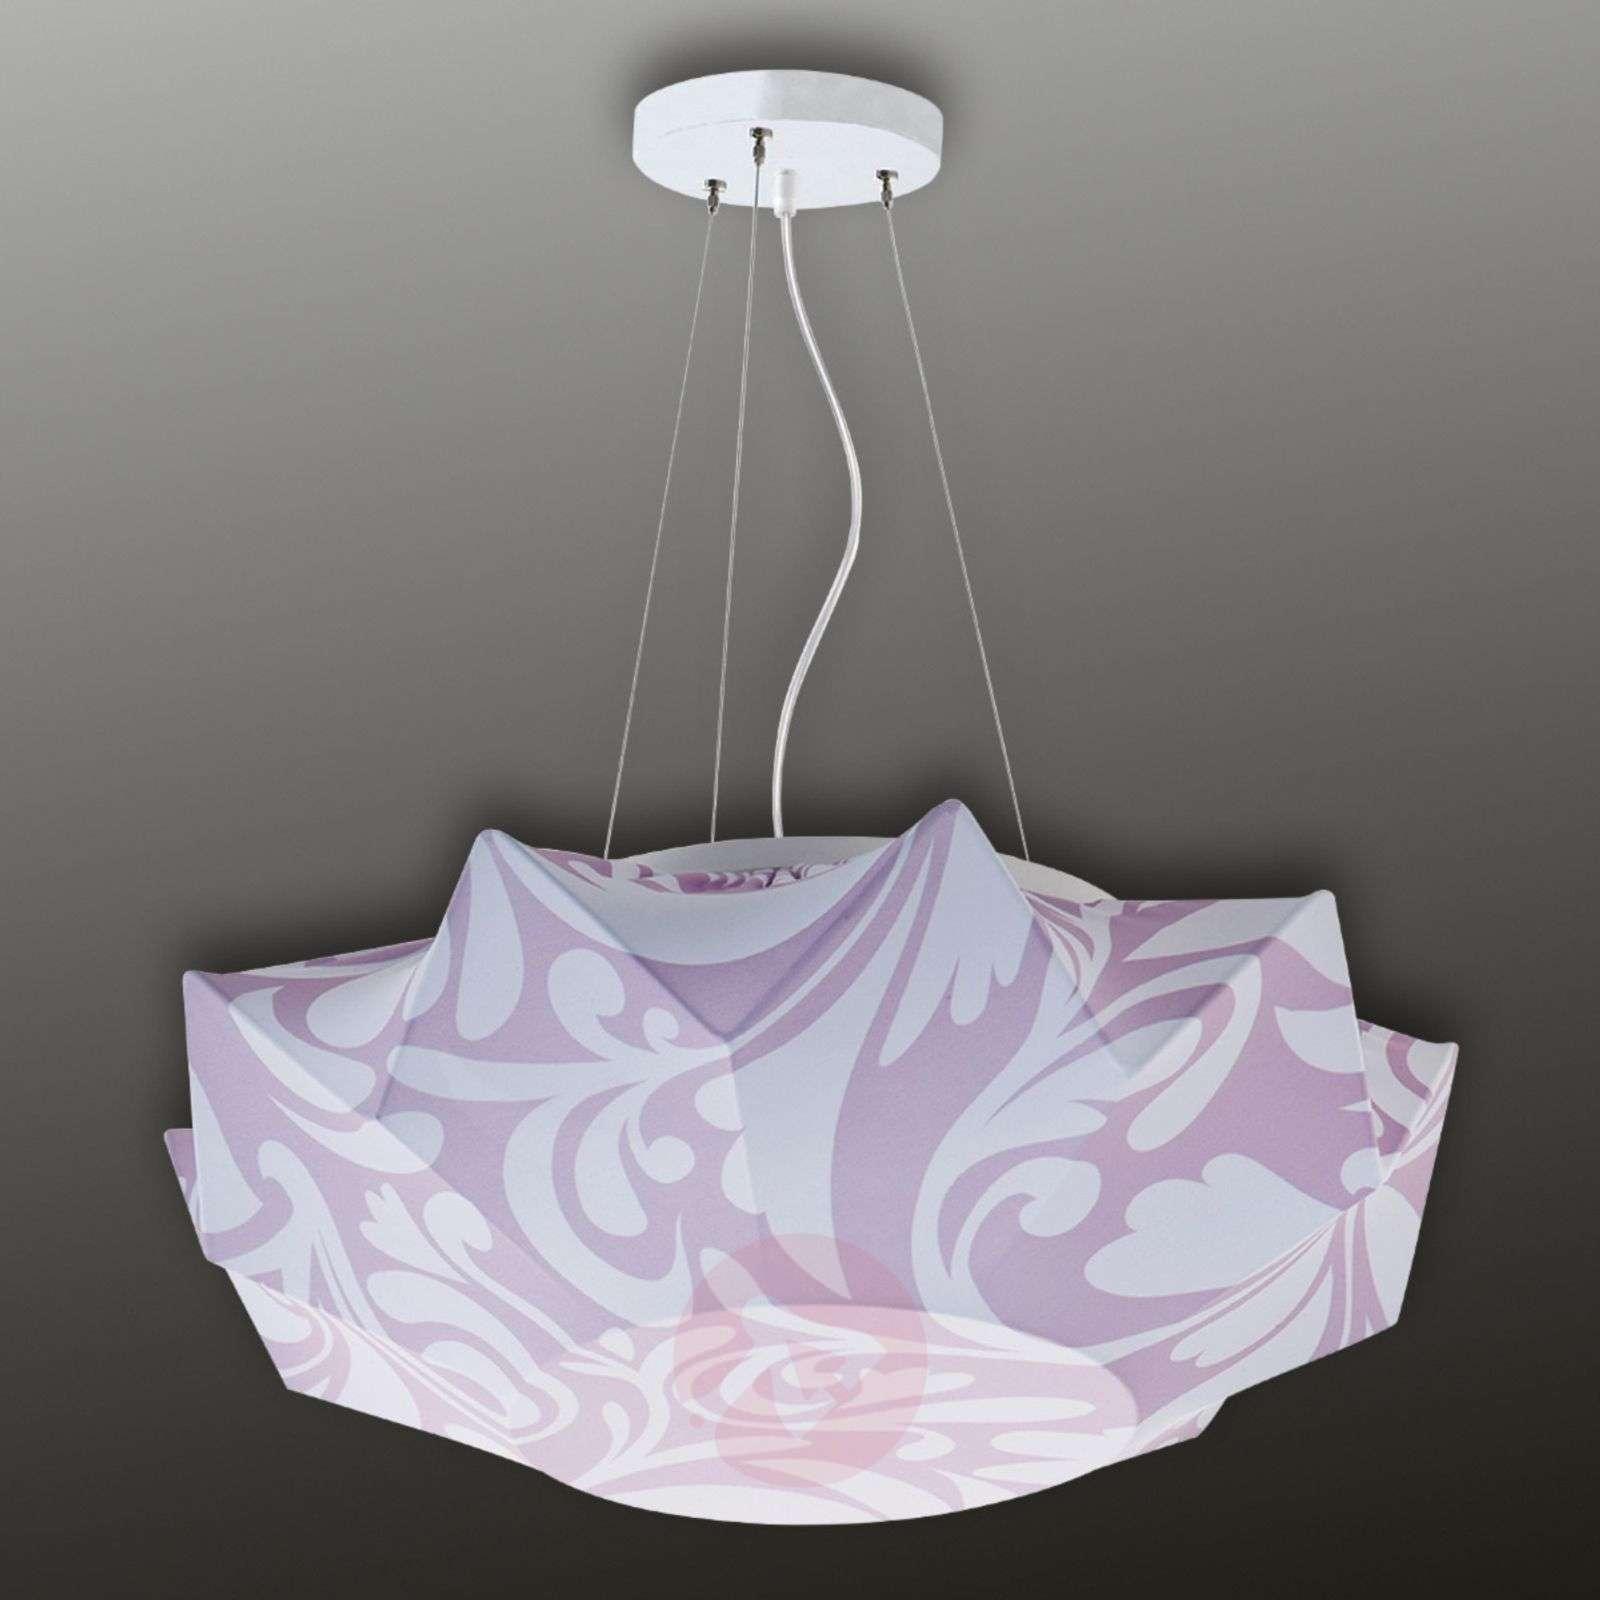 Kuviokankainen Art-riippuvalaisin 60 cm, lila-1069007-01